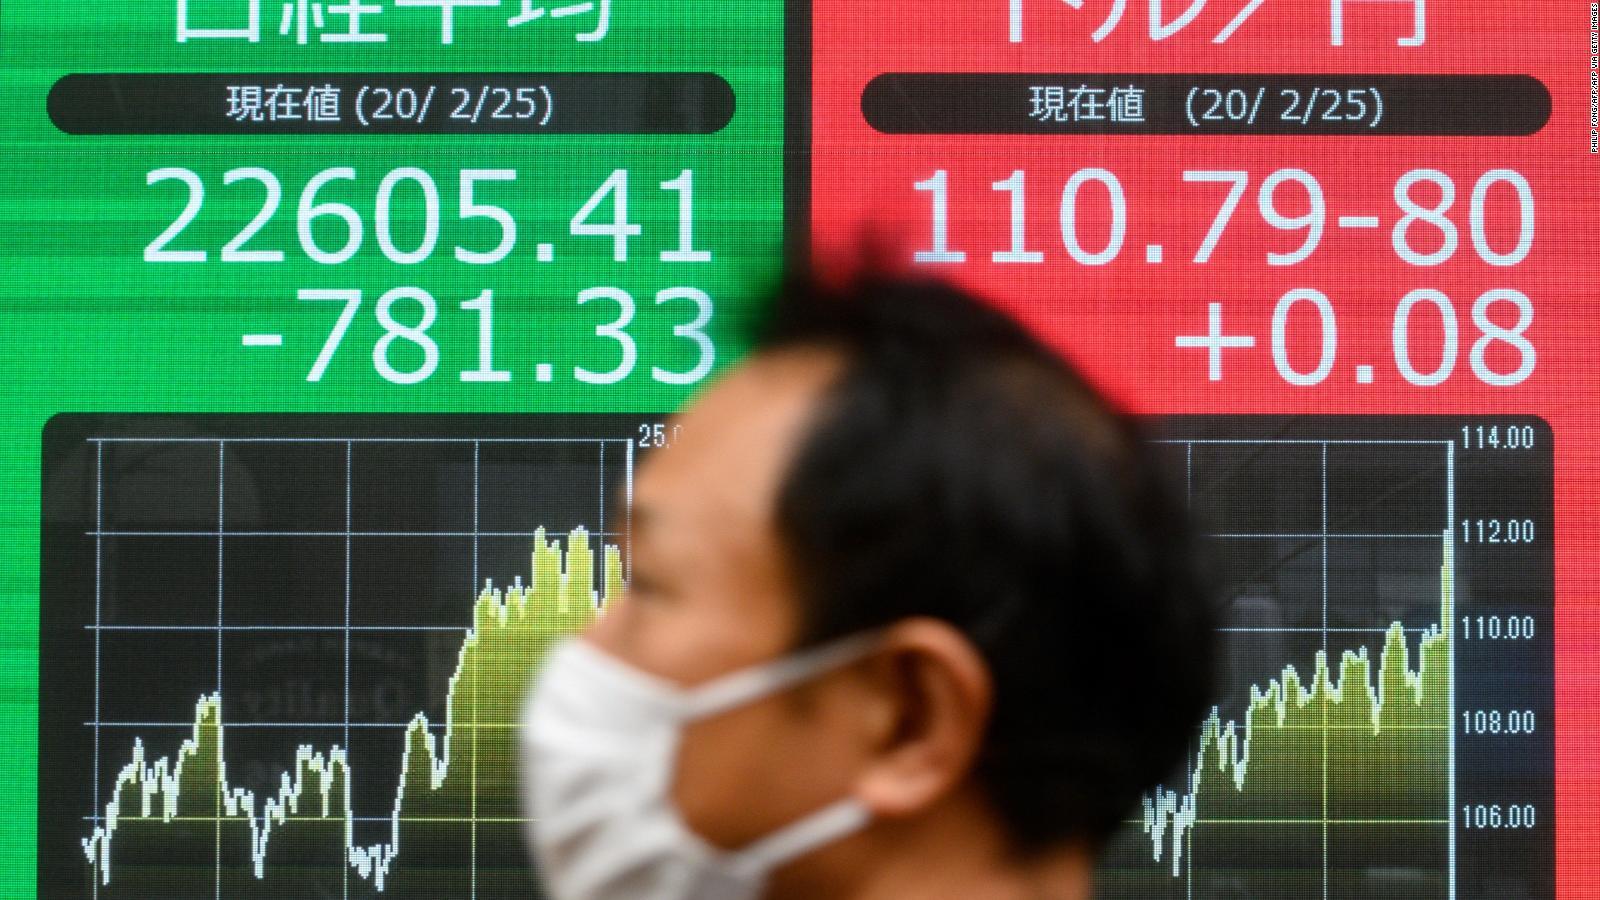 En este momento estás viendo Una recesión global es inevitable': los analistas advierten sobre la 'completa carnicería' a medida que se derrumba el petróleo y las acciones mundiales caen